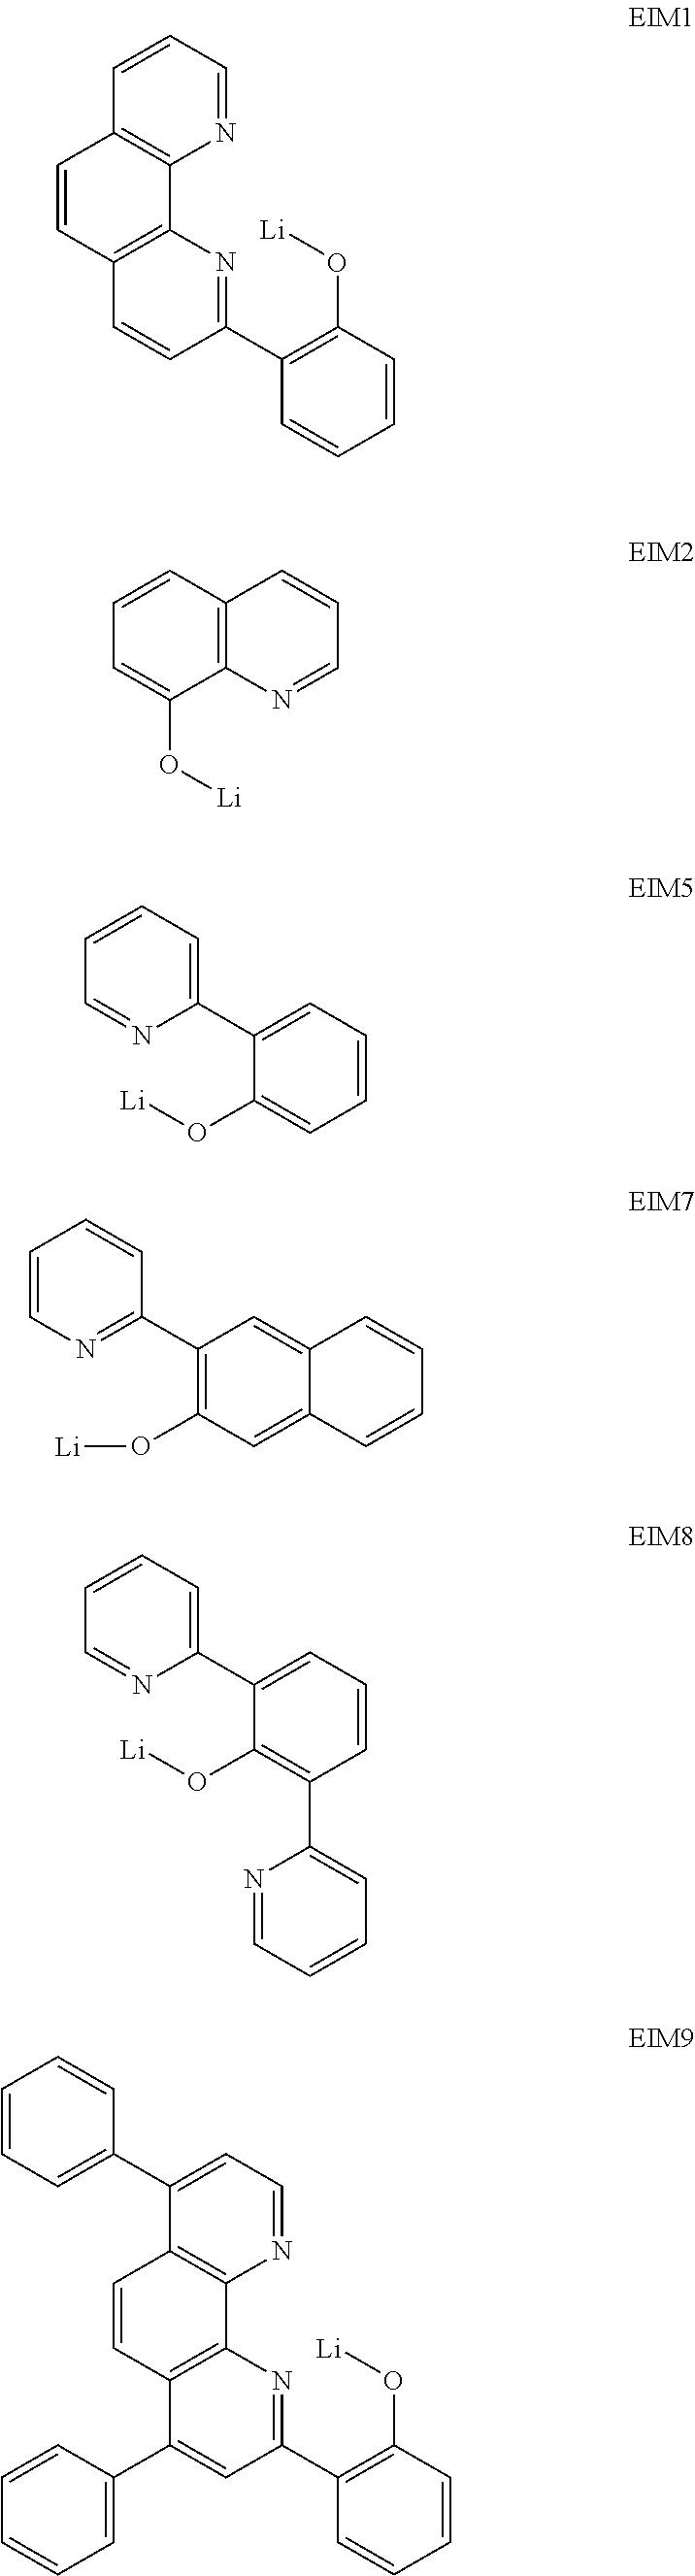 Figure US08420229-20130416-C00080